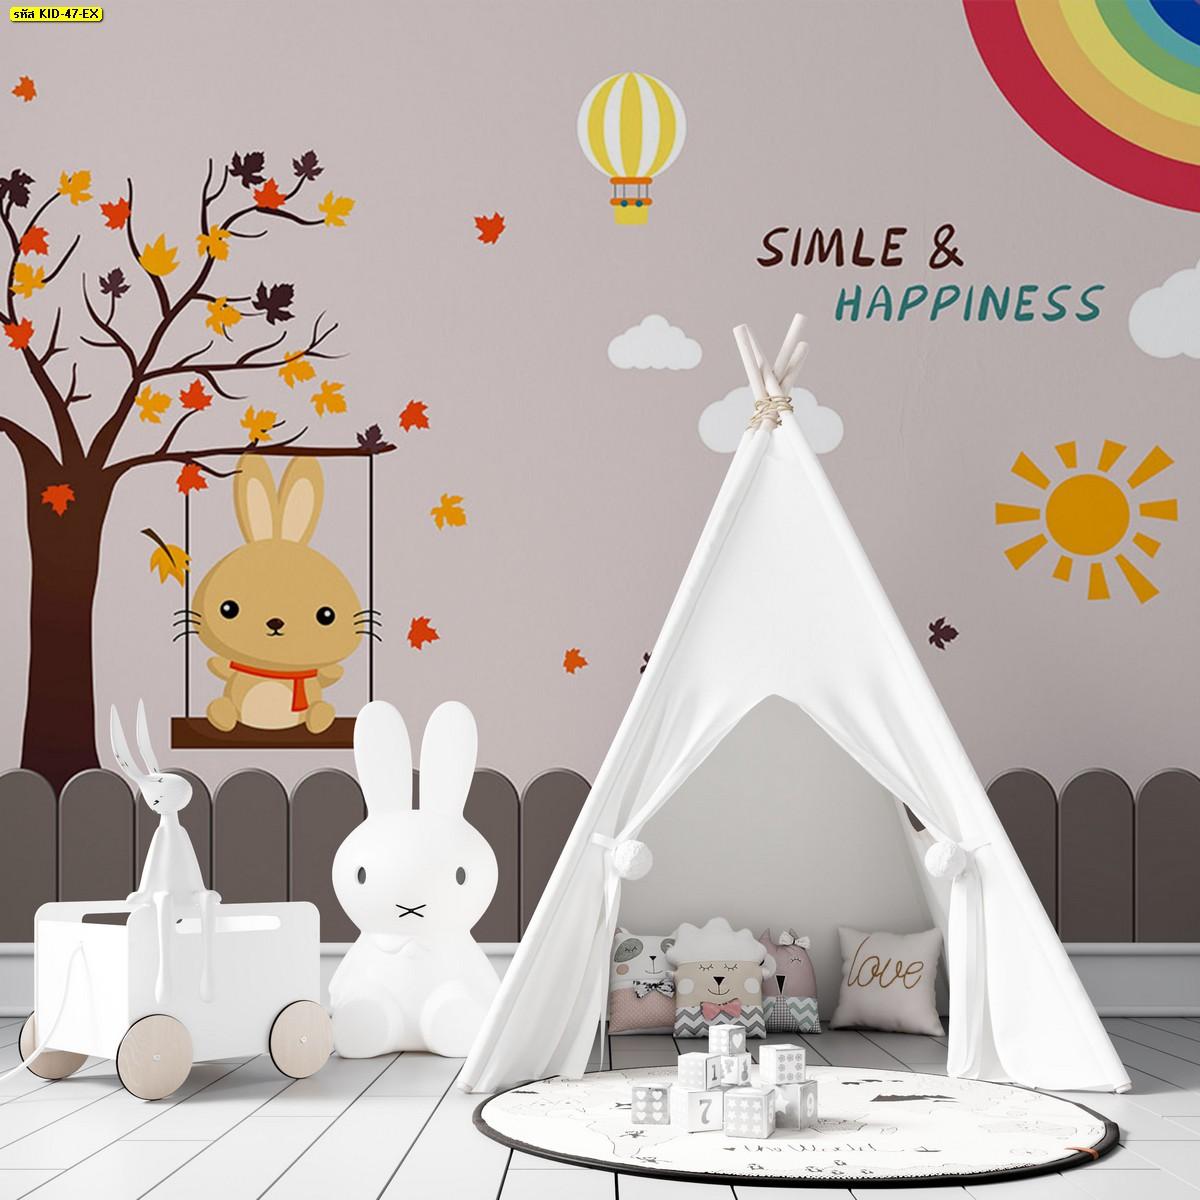 ตกแต่งห้องเล่นเด็ก ห้องเด็กเล่น จัดมุมของเล่นให้ลูก ผนังกระต่าย ห้องน่ารักลายกระต่าย